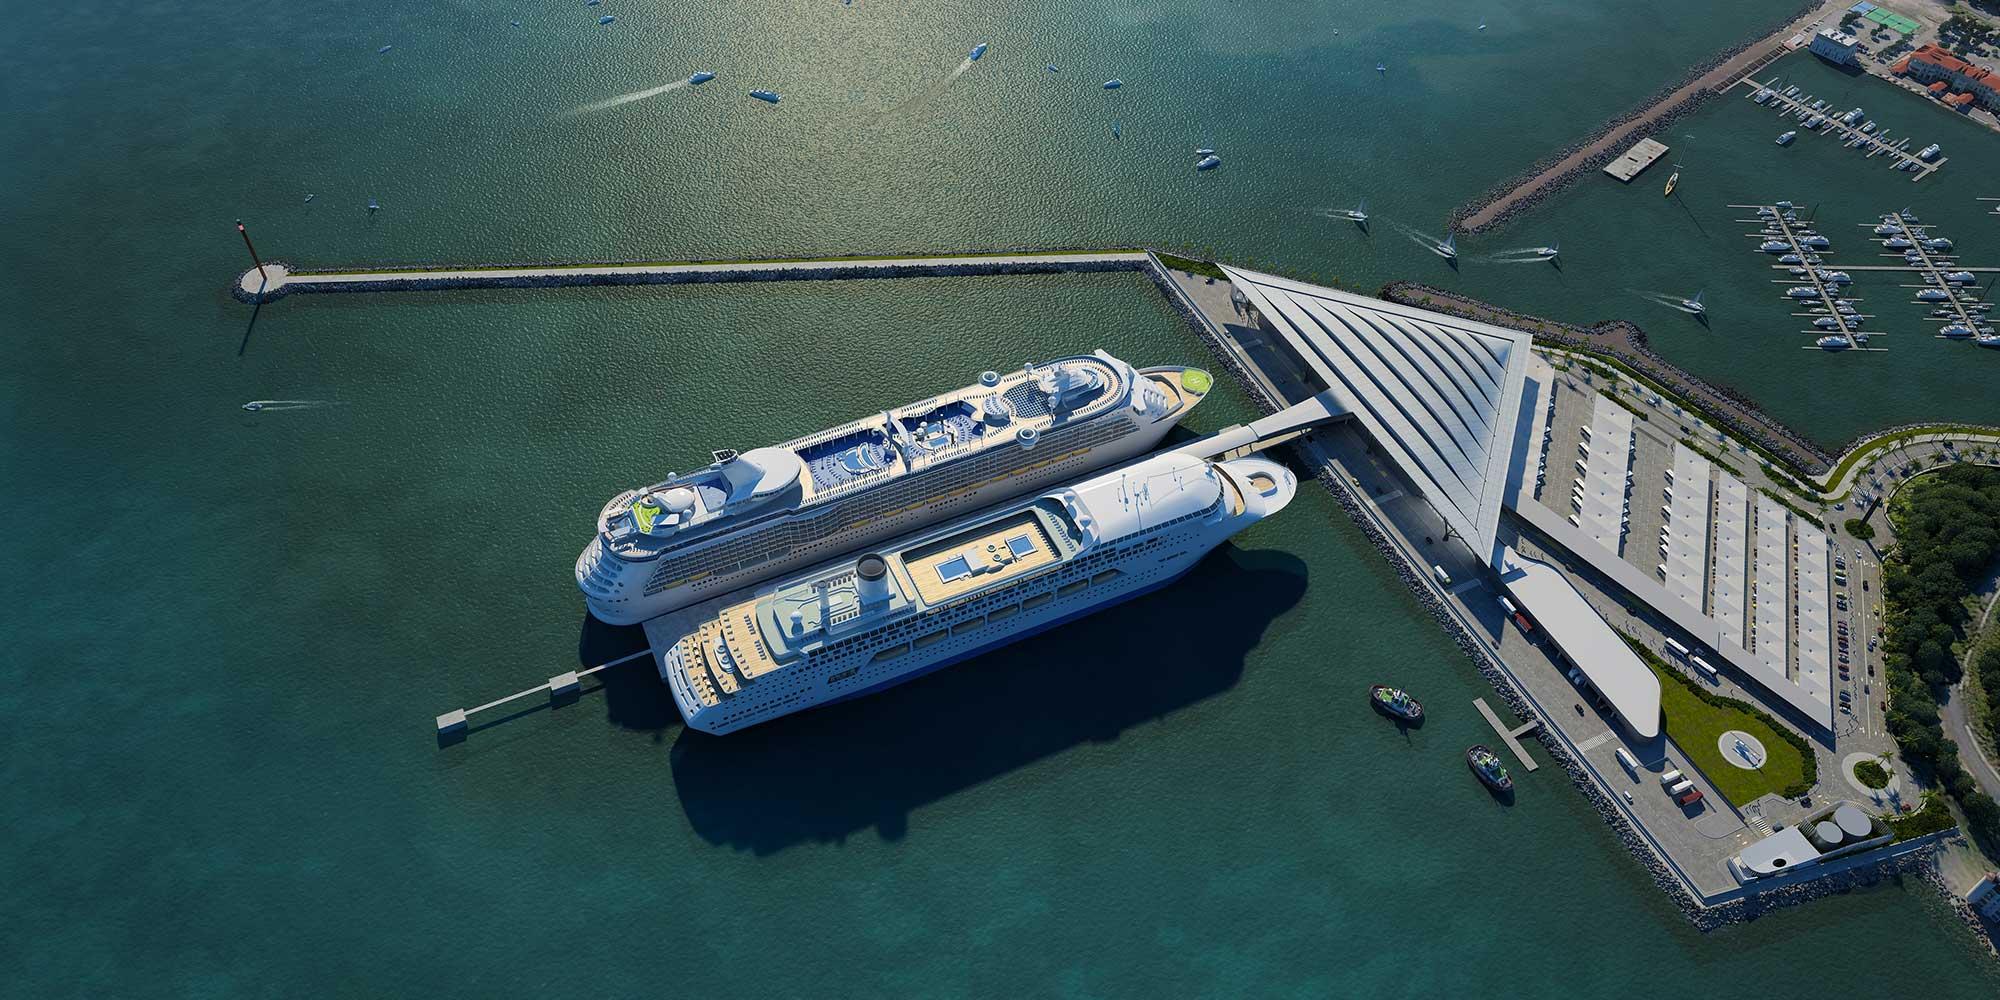 La nueva Terminal de Cruceros de Amador tendrá un muelle apto para recibir dos barcos de gran porte al mismo tiempo. Gentileza Mallol Arquitectos.